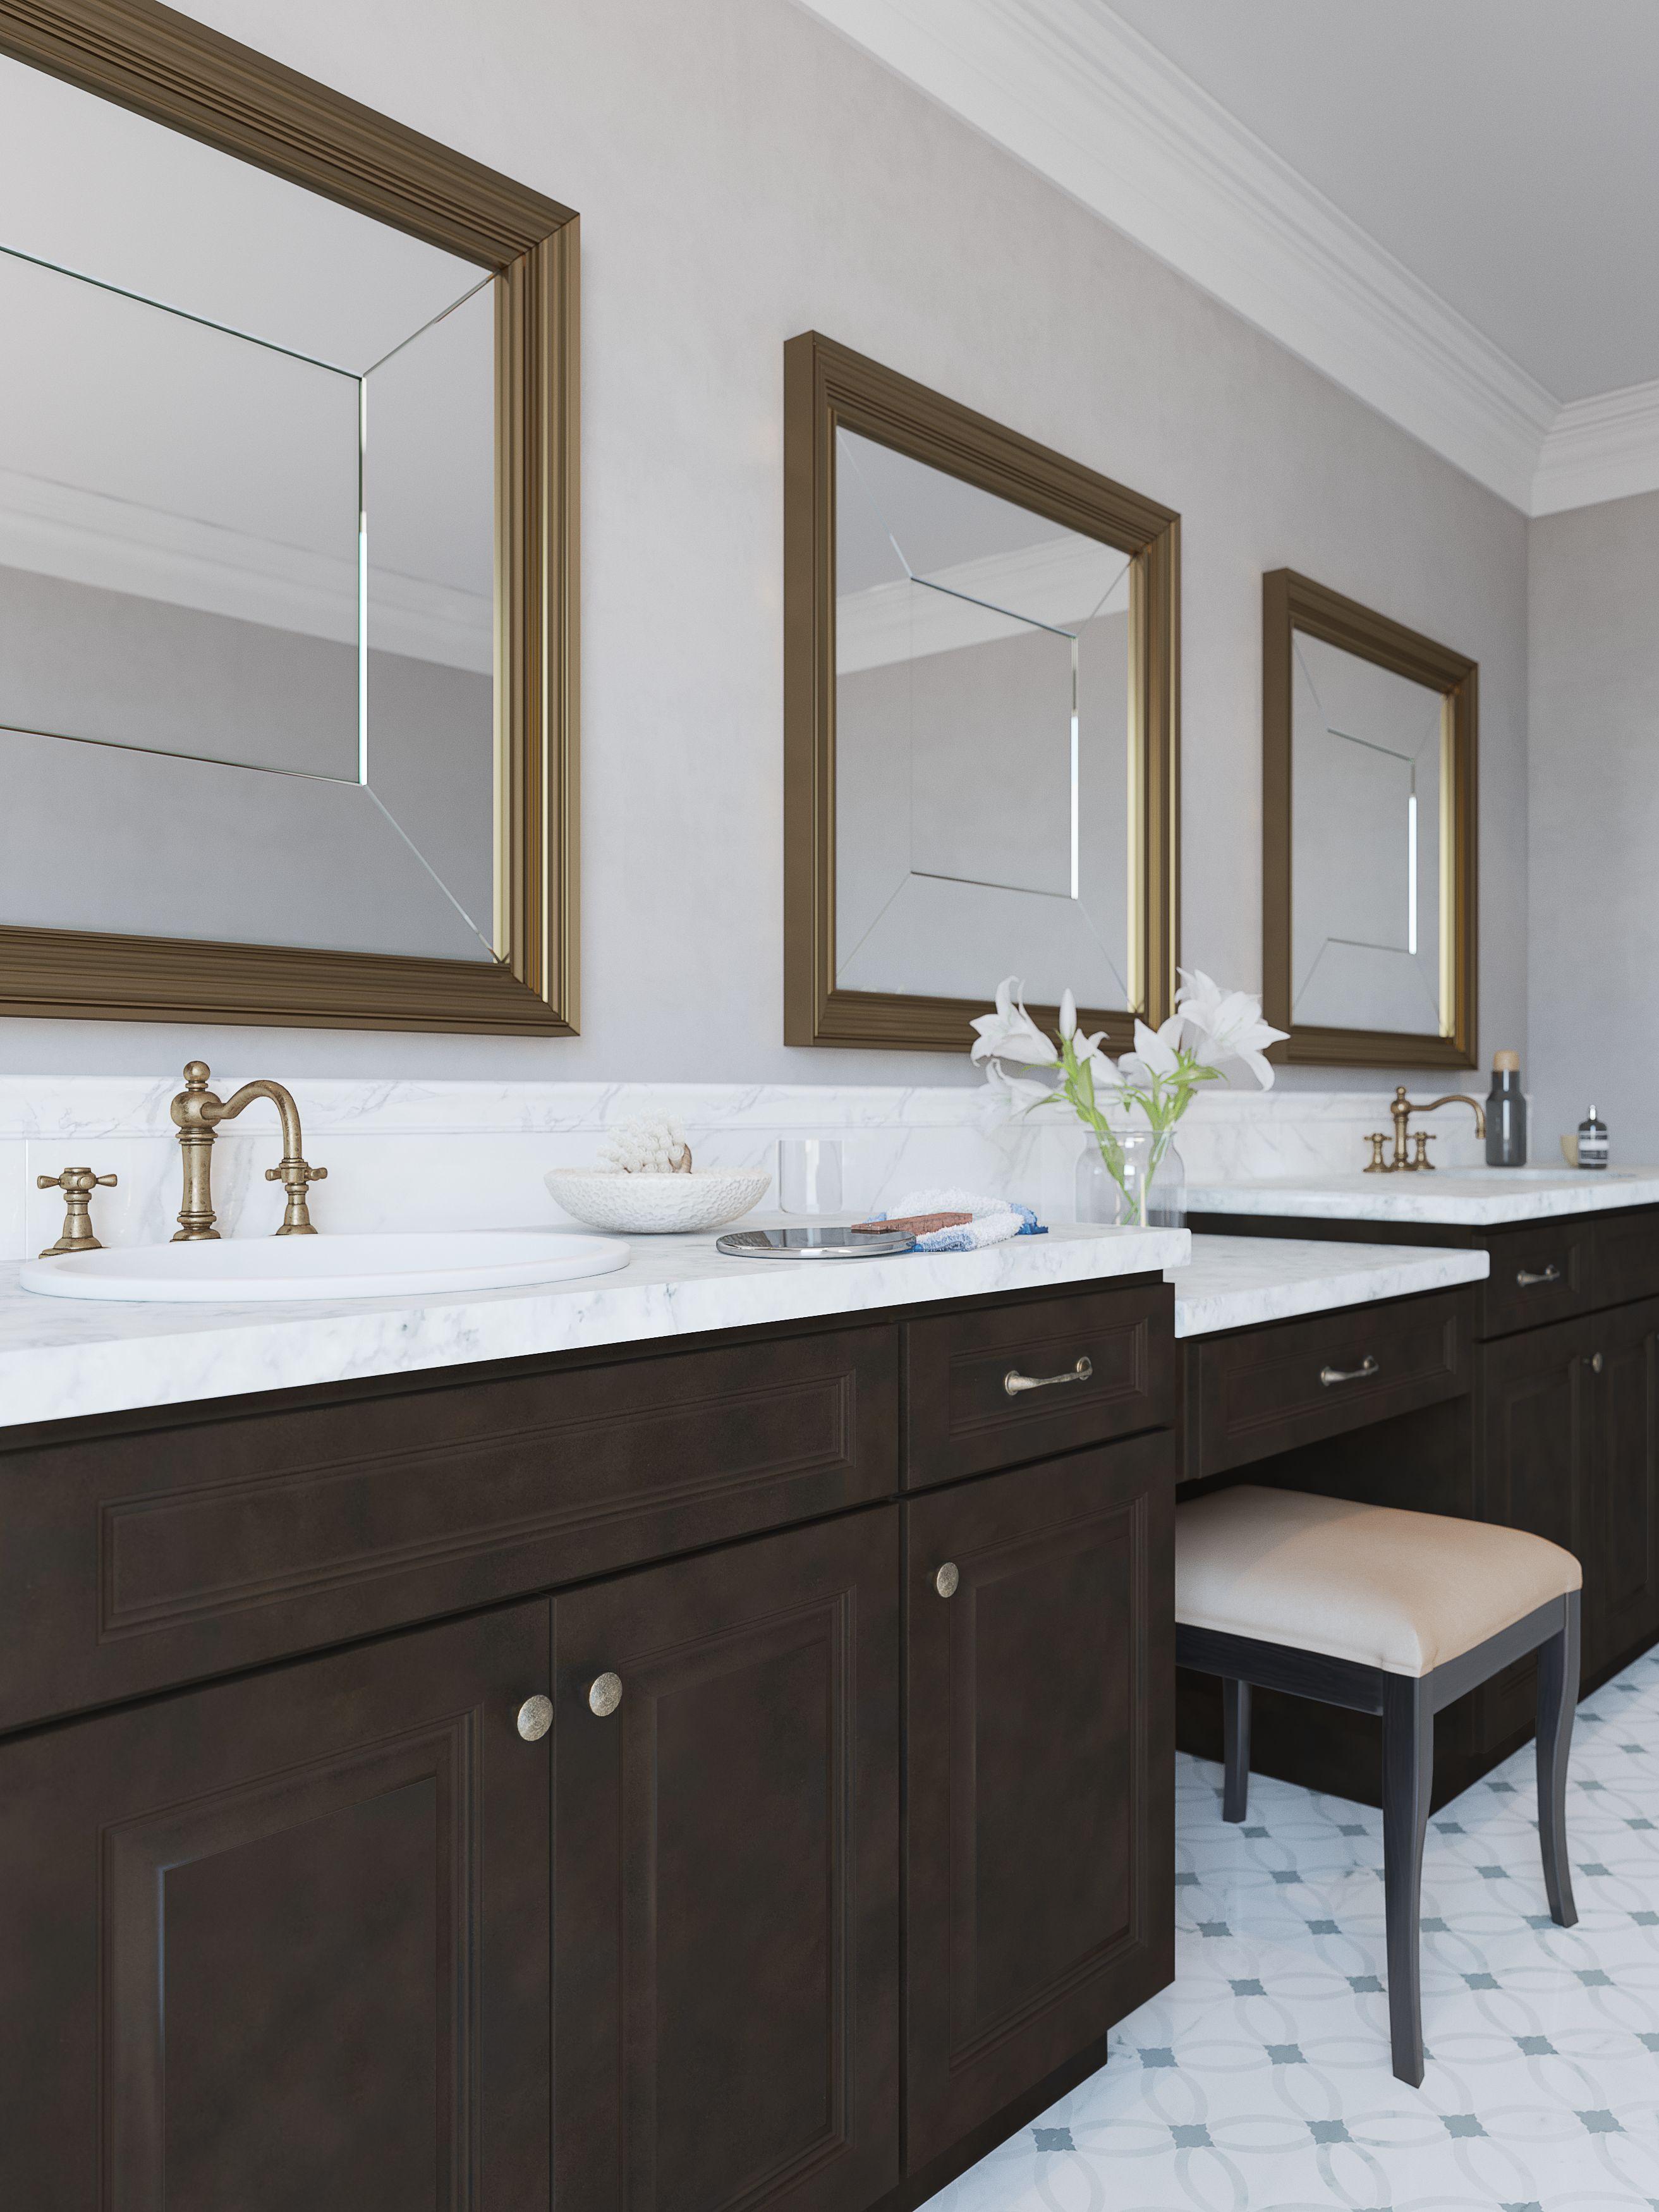 Buy RTA Java Marquis Kitchen And Bath Cabinets, RTA